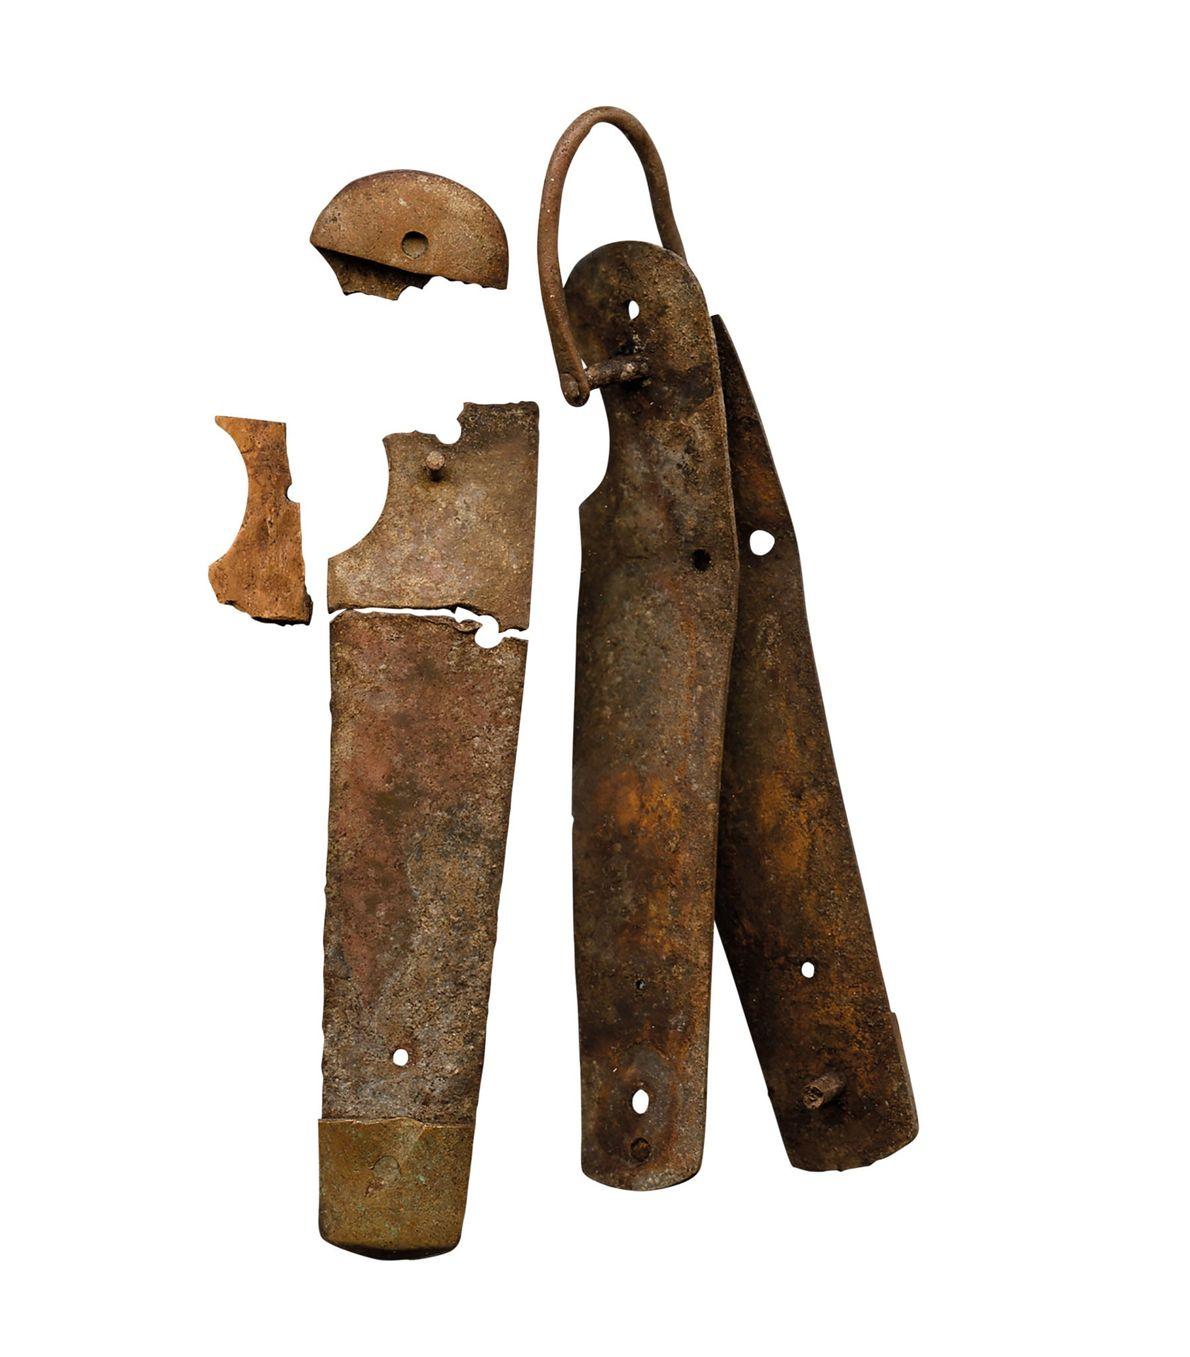 Un couteau de poche qui aurait pu se révéler très utile pour des naufragés.